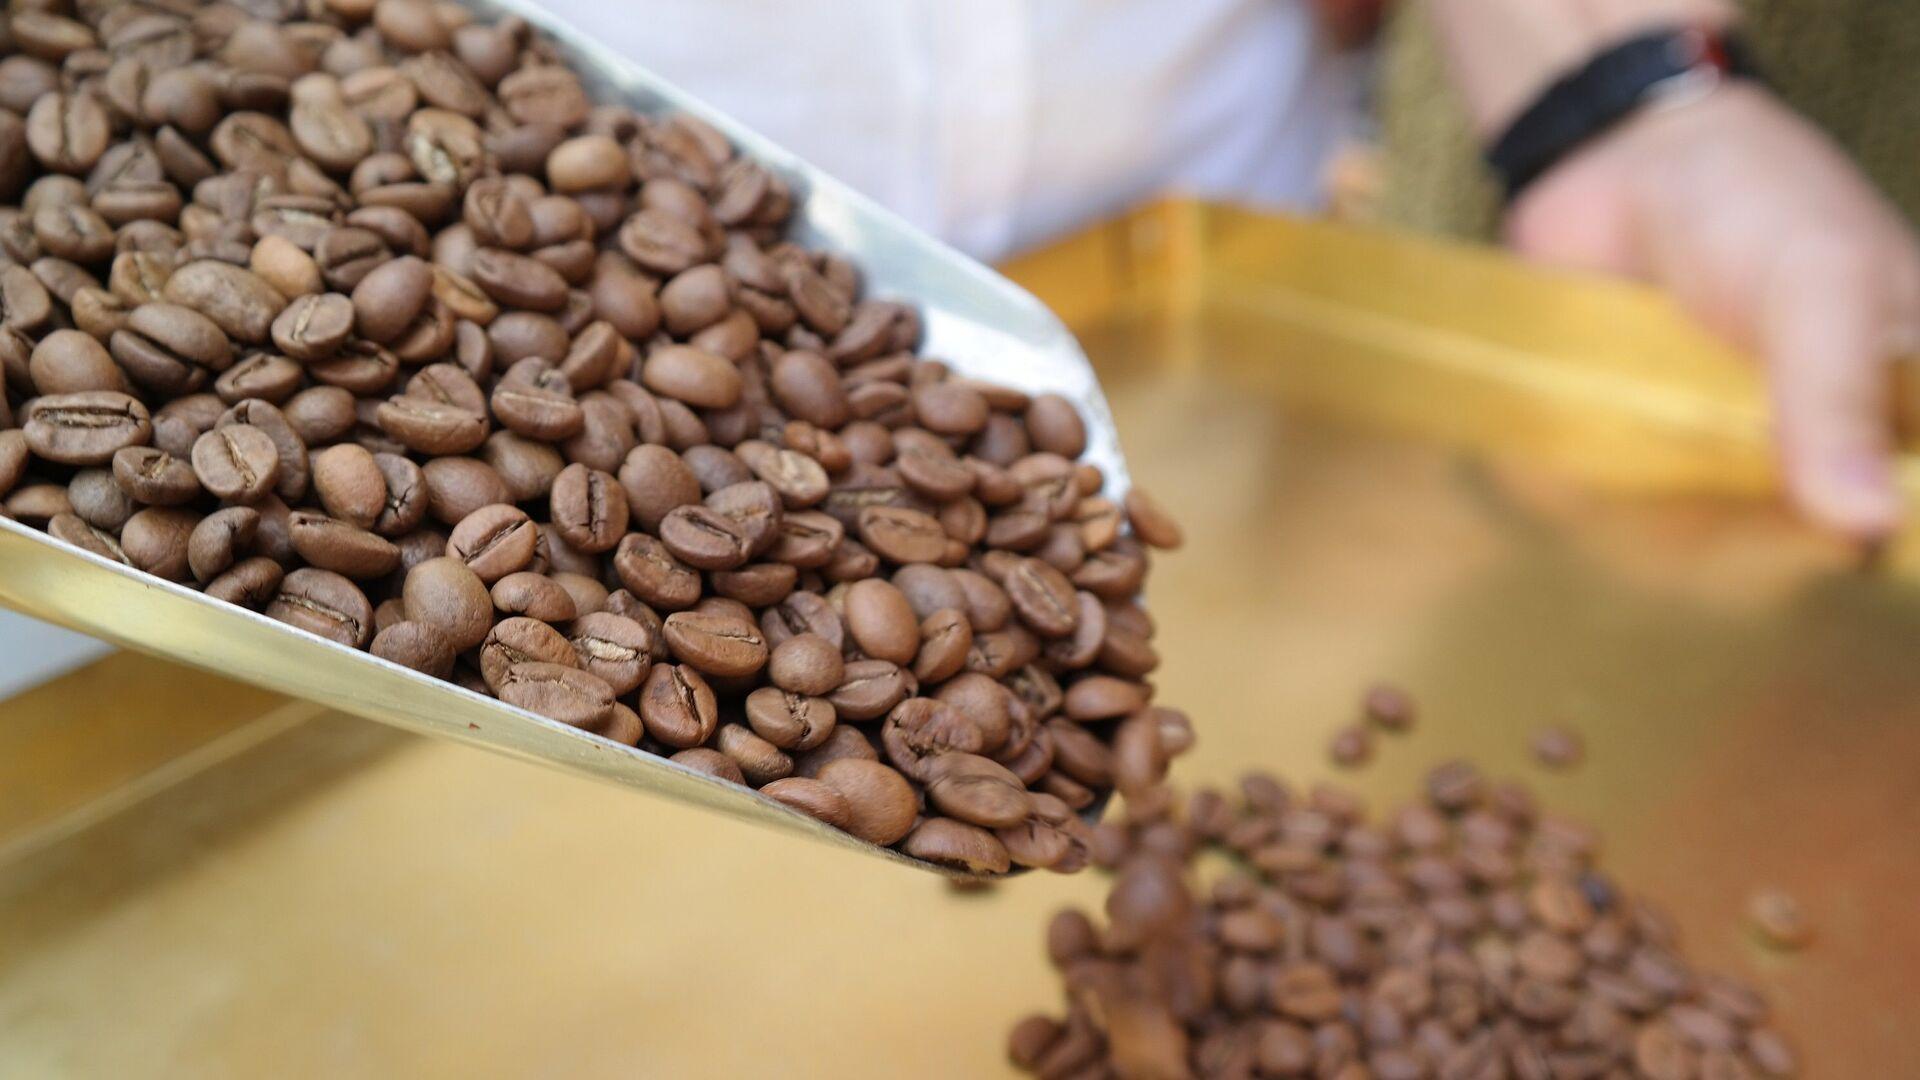 Kahvenin fiyatı bir ay içerisinde yüzde 100 arttı - Sputnik Türkiye, 1920, 15.09.2021